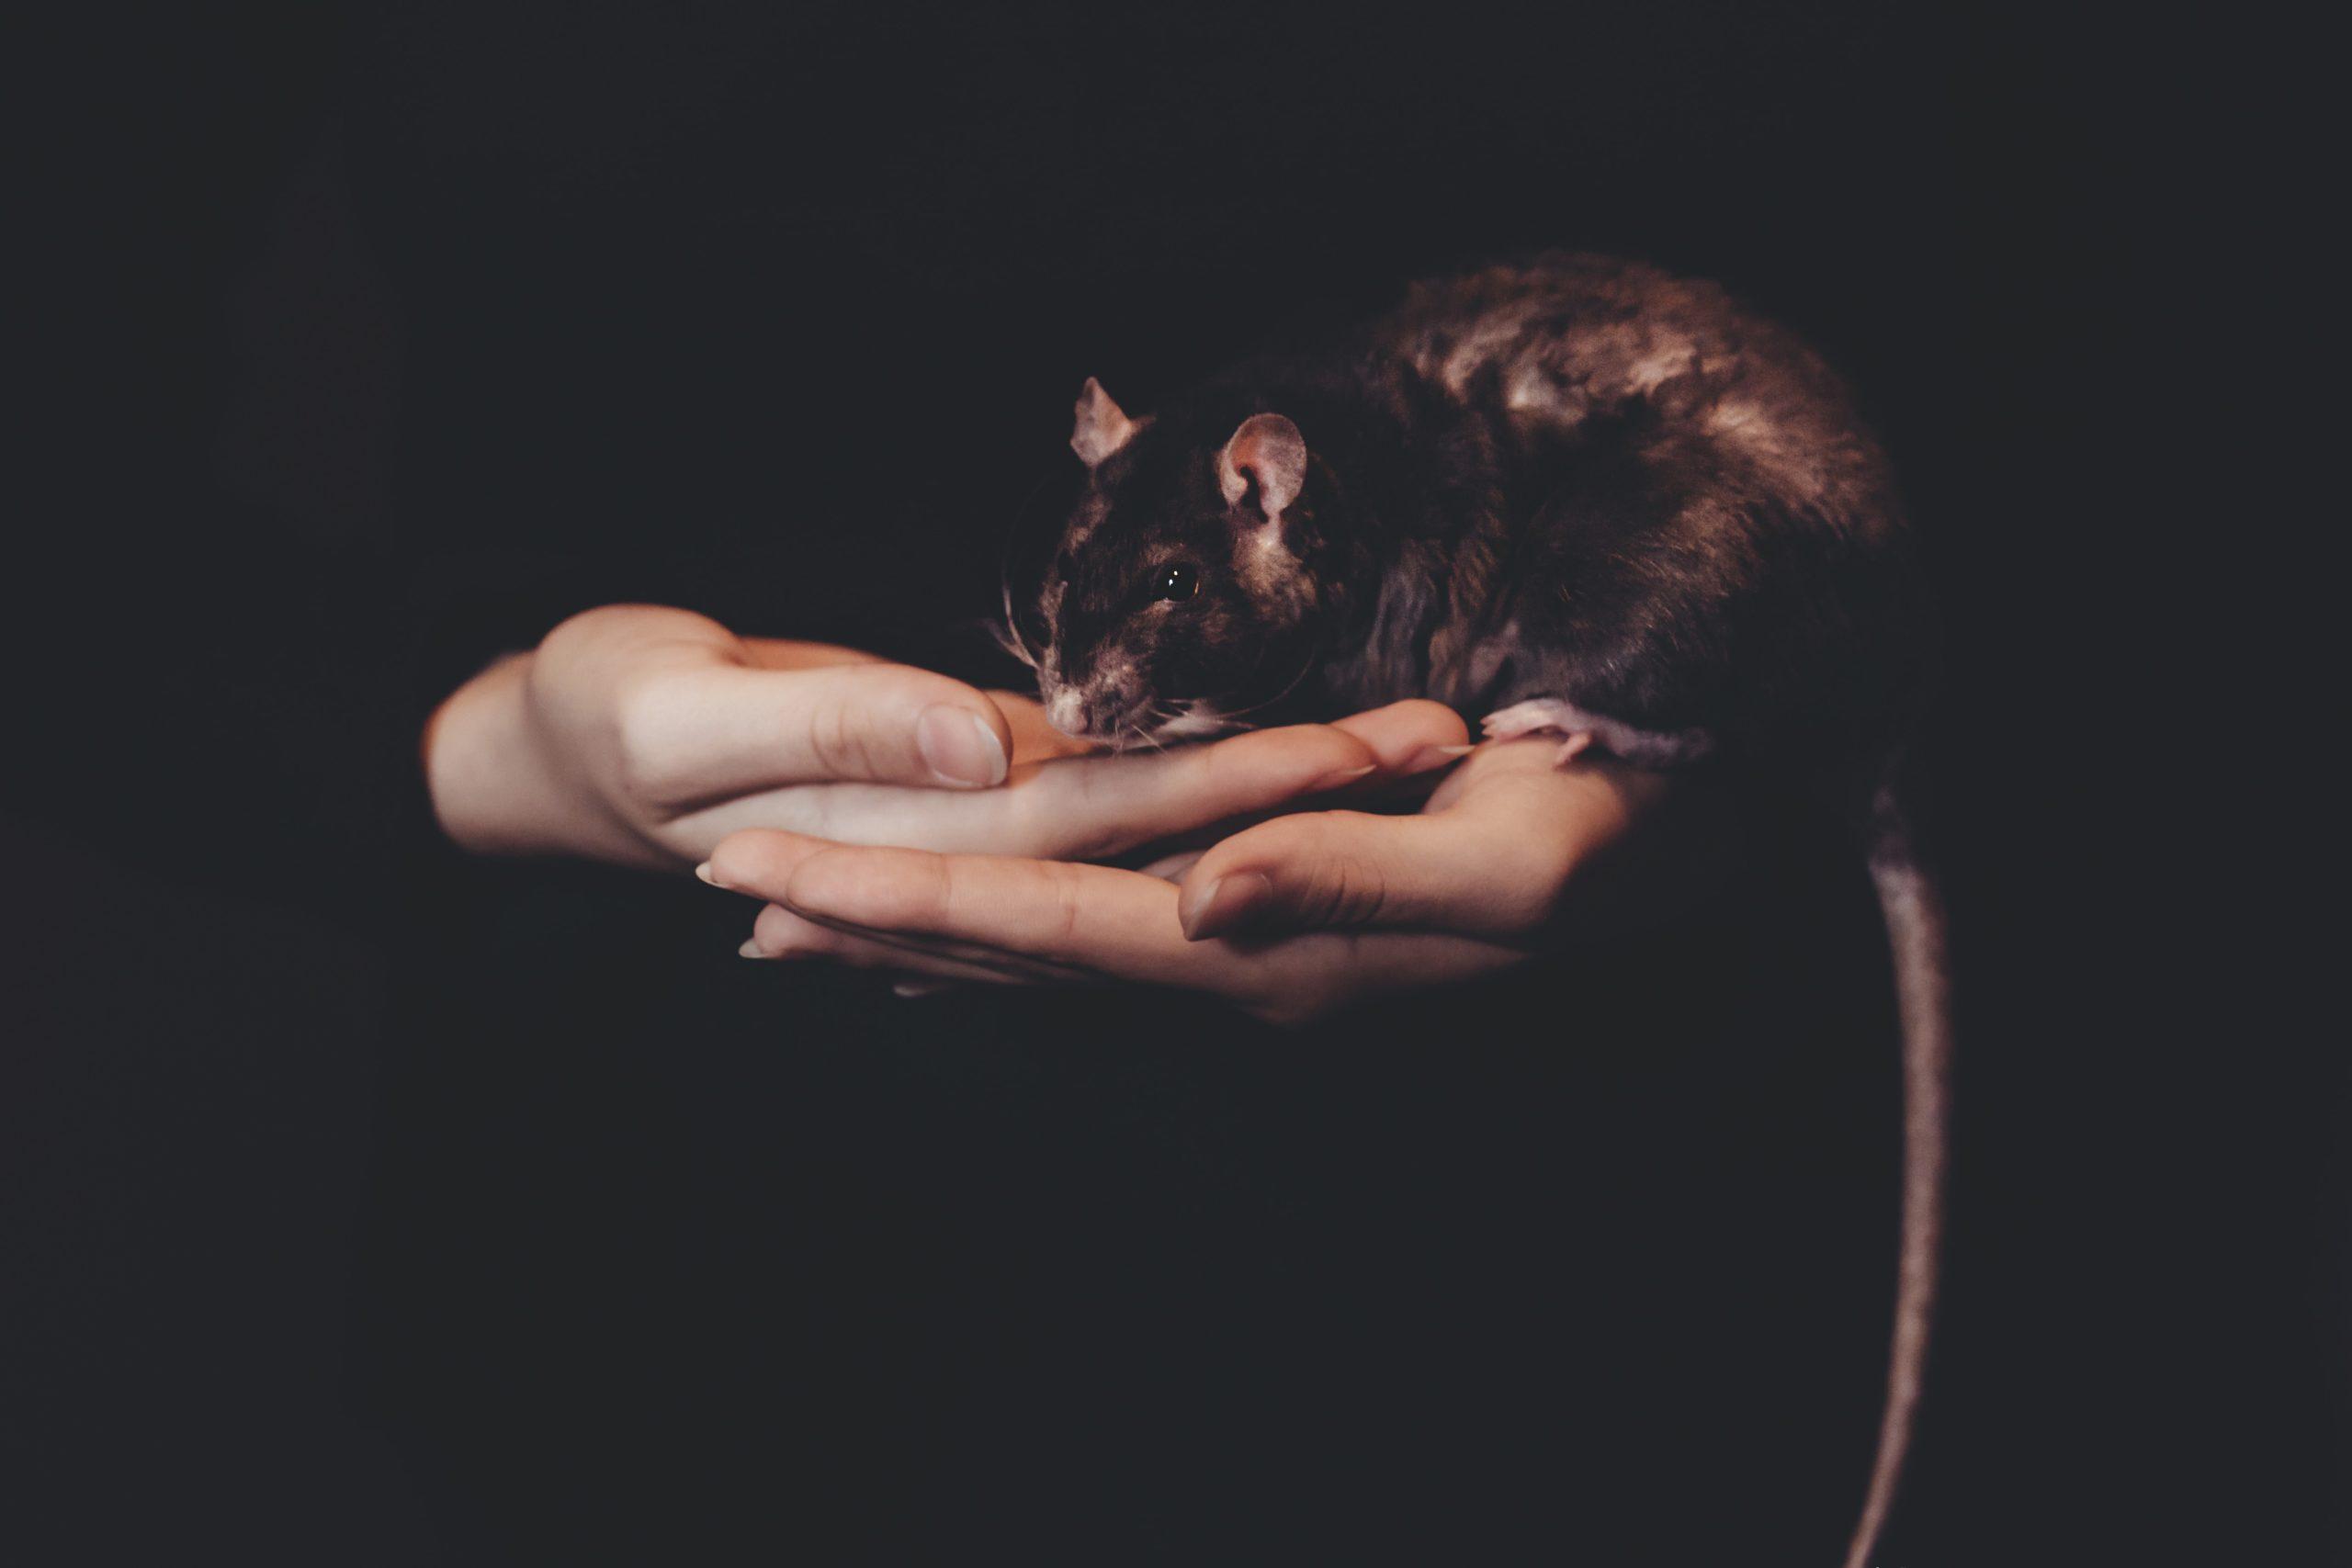 Ratte auf Hand